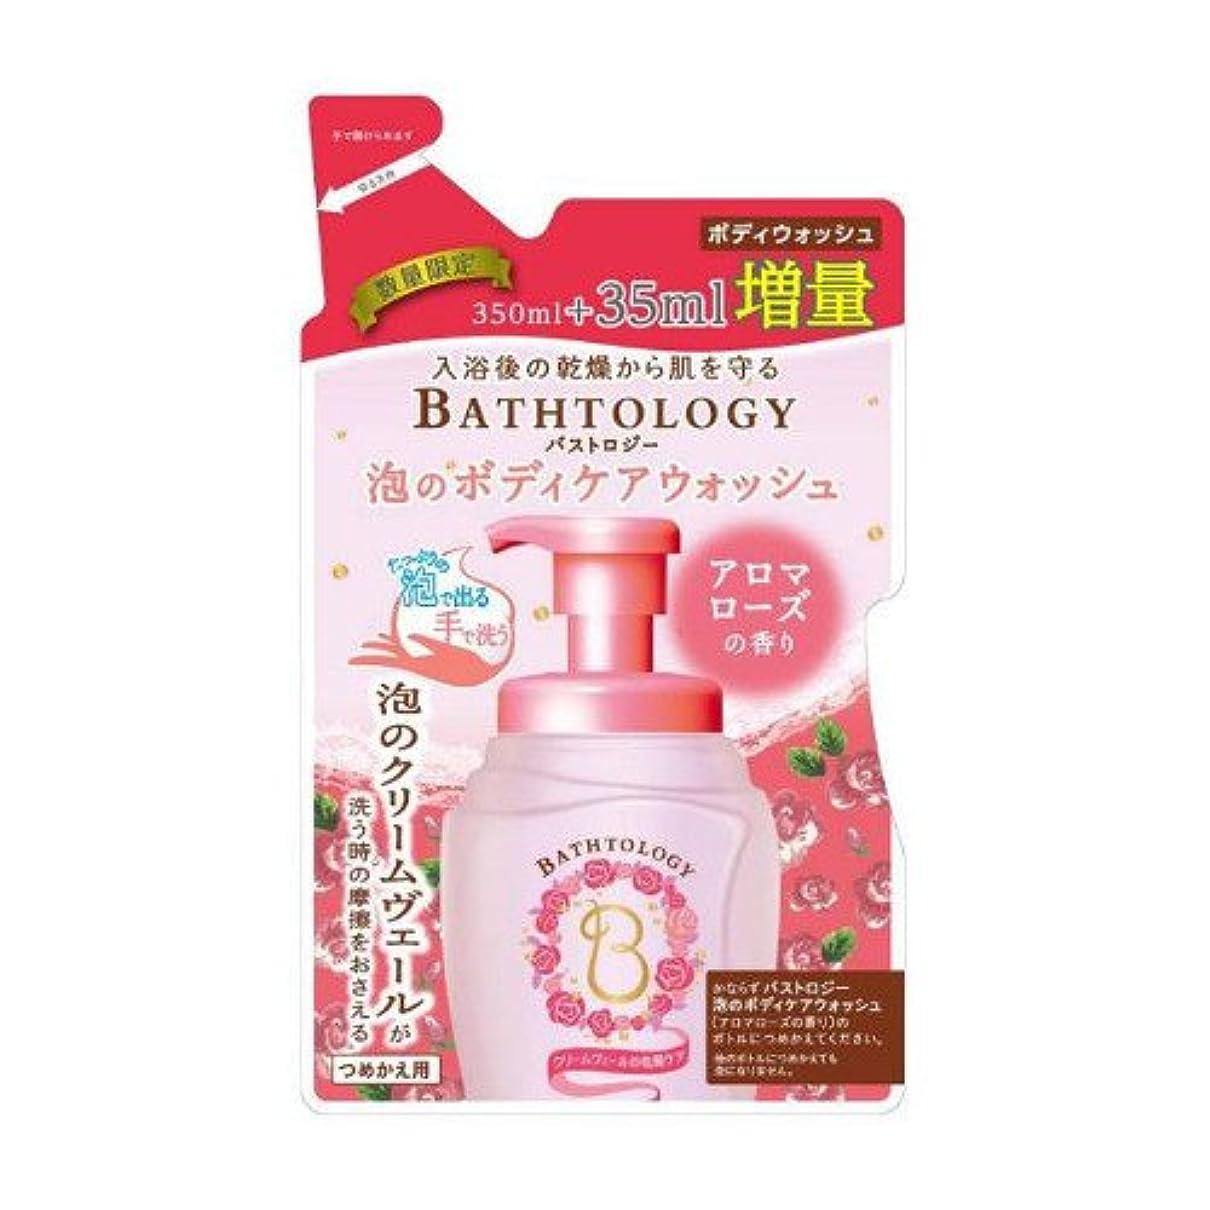 剥離に後ろにBATHTOLOGY(バストロジー) 泡のボディケアウォッシュ アロマローズの香り 詰替